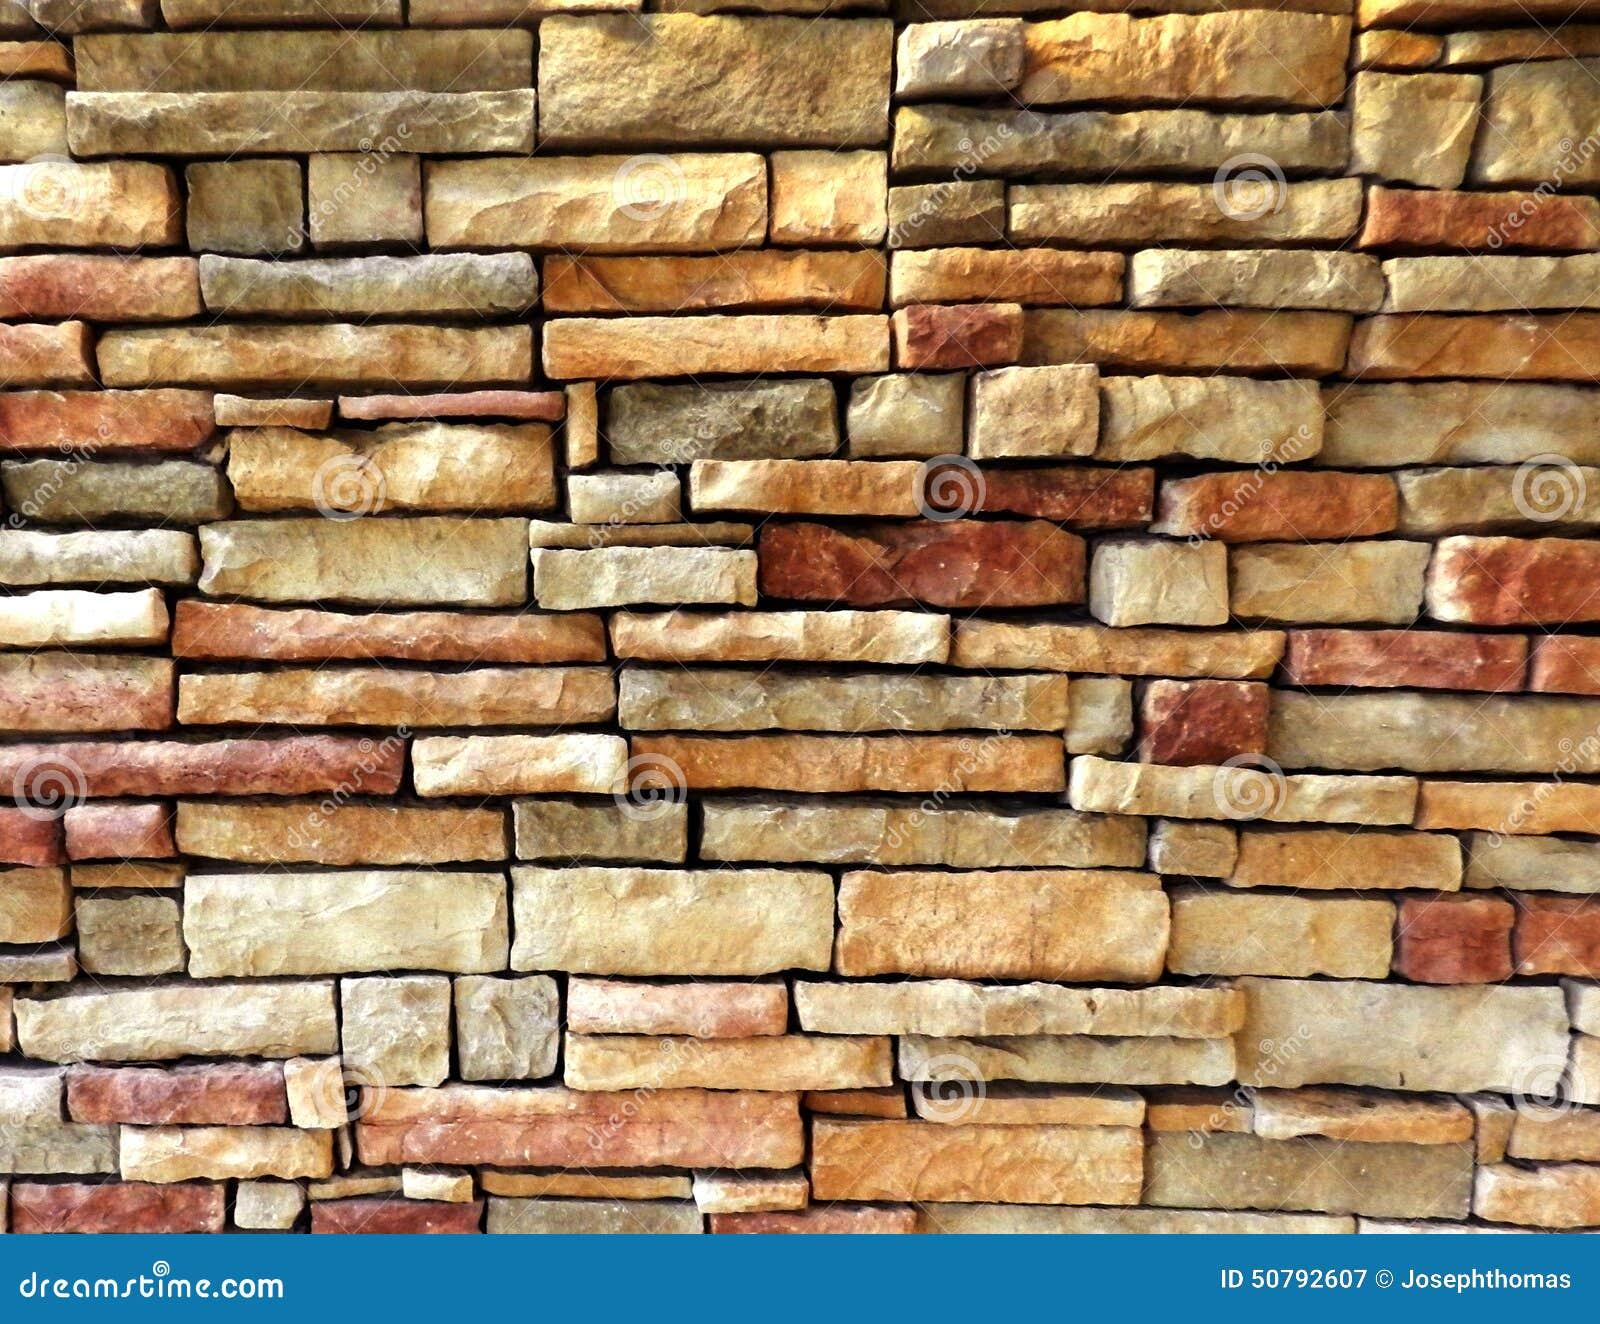 fond ext rieur color de texture de mur de briques photo stock image 50792607. Black Bedroom Furniture Sets. Home Design Ideas